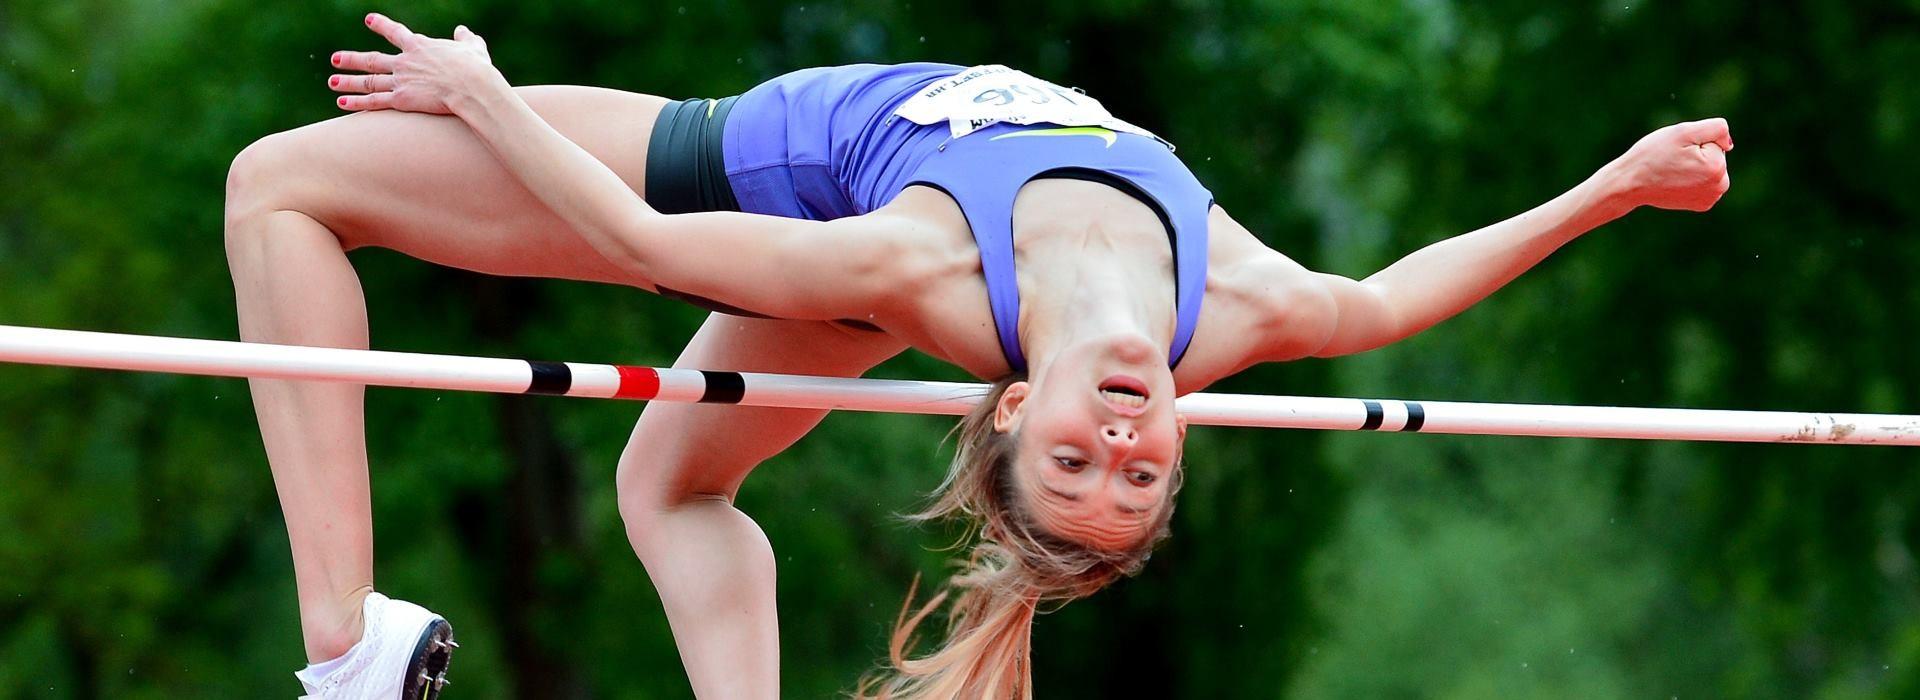 USPJEŠAN POVRATAK NATJECANJIMA Ana Šimić pobijedila na atletskom mitingu s preskočenih 188 centimetara